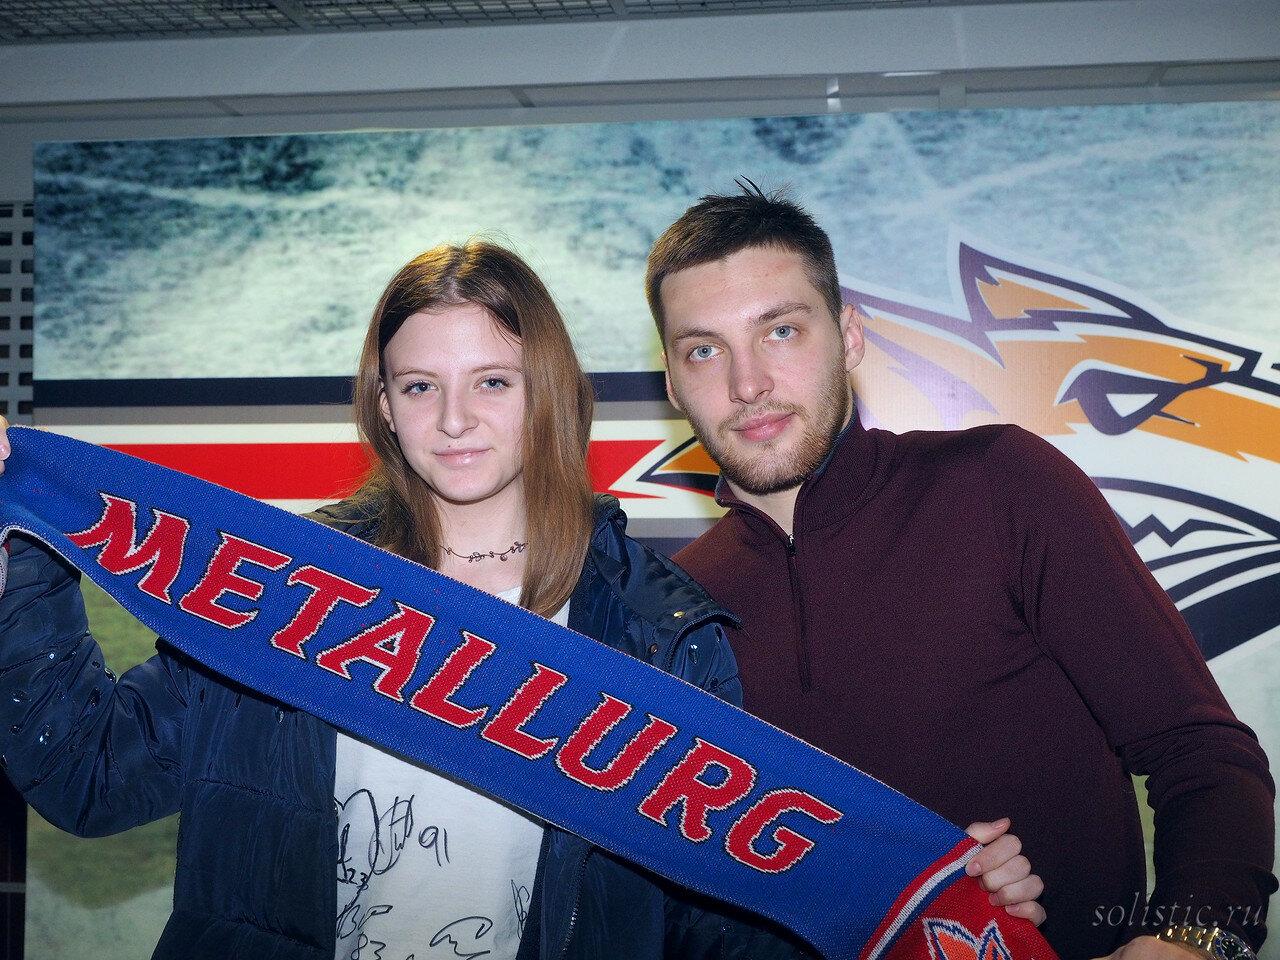 211 Металлург - Динамо 27.12.2017